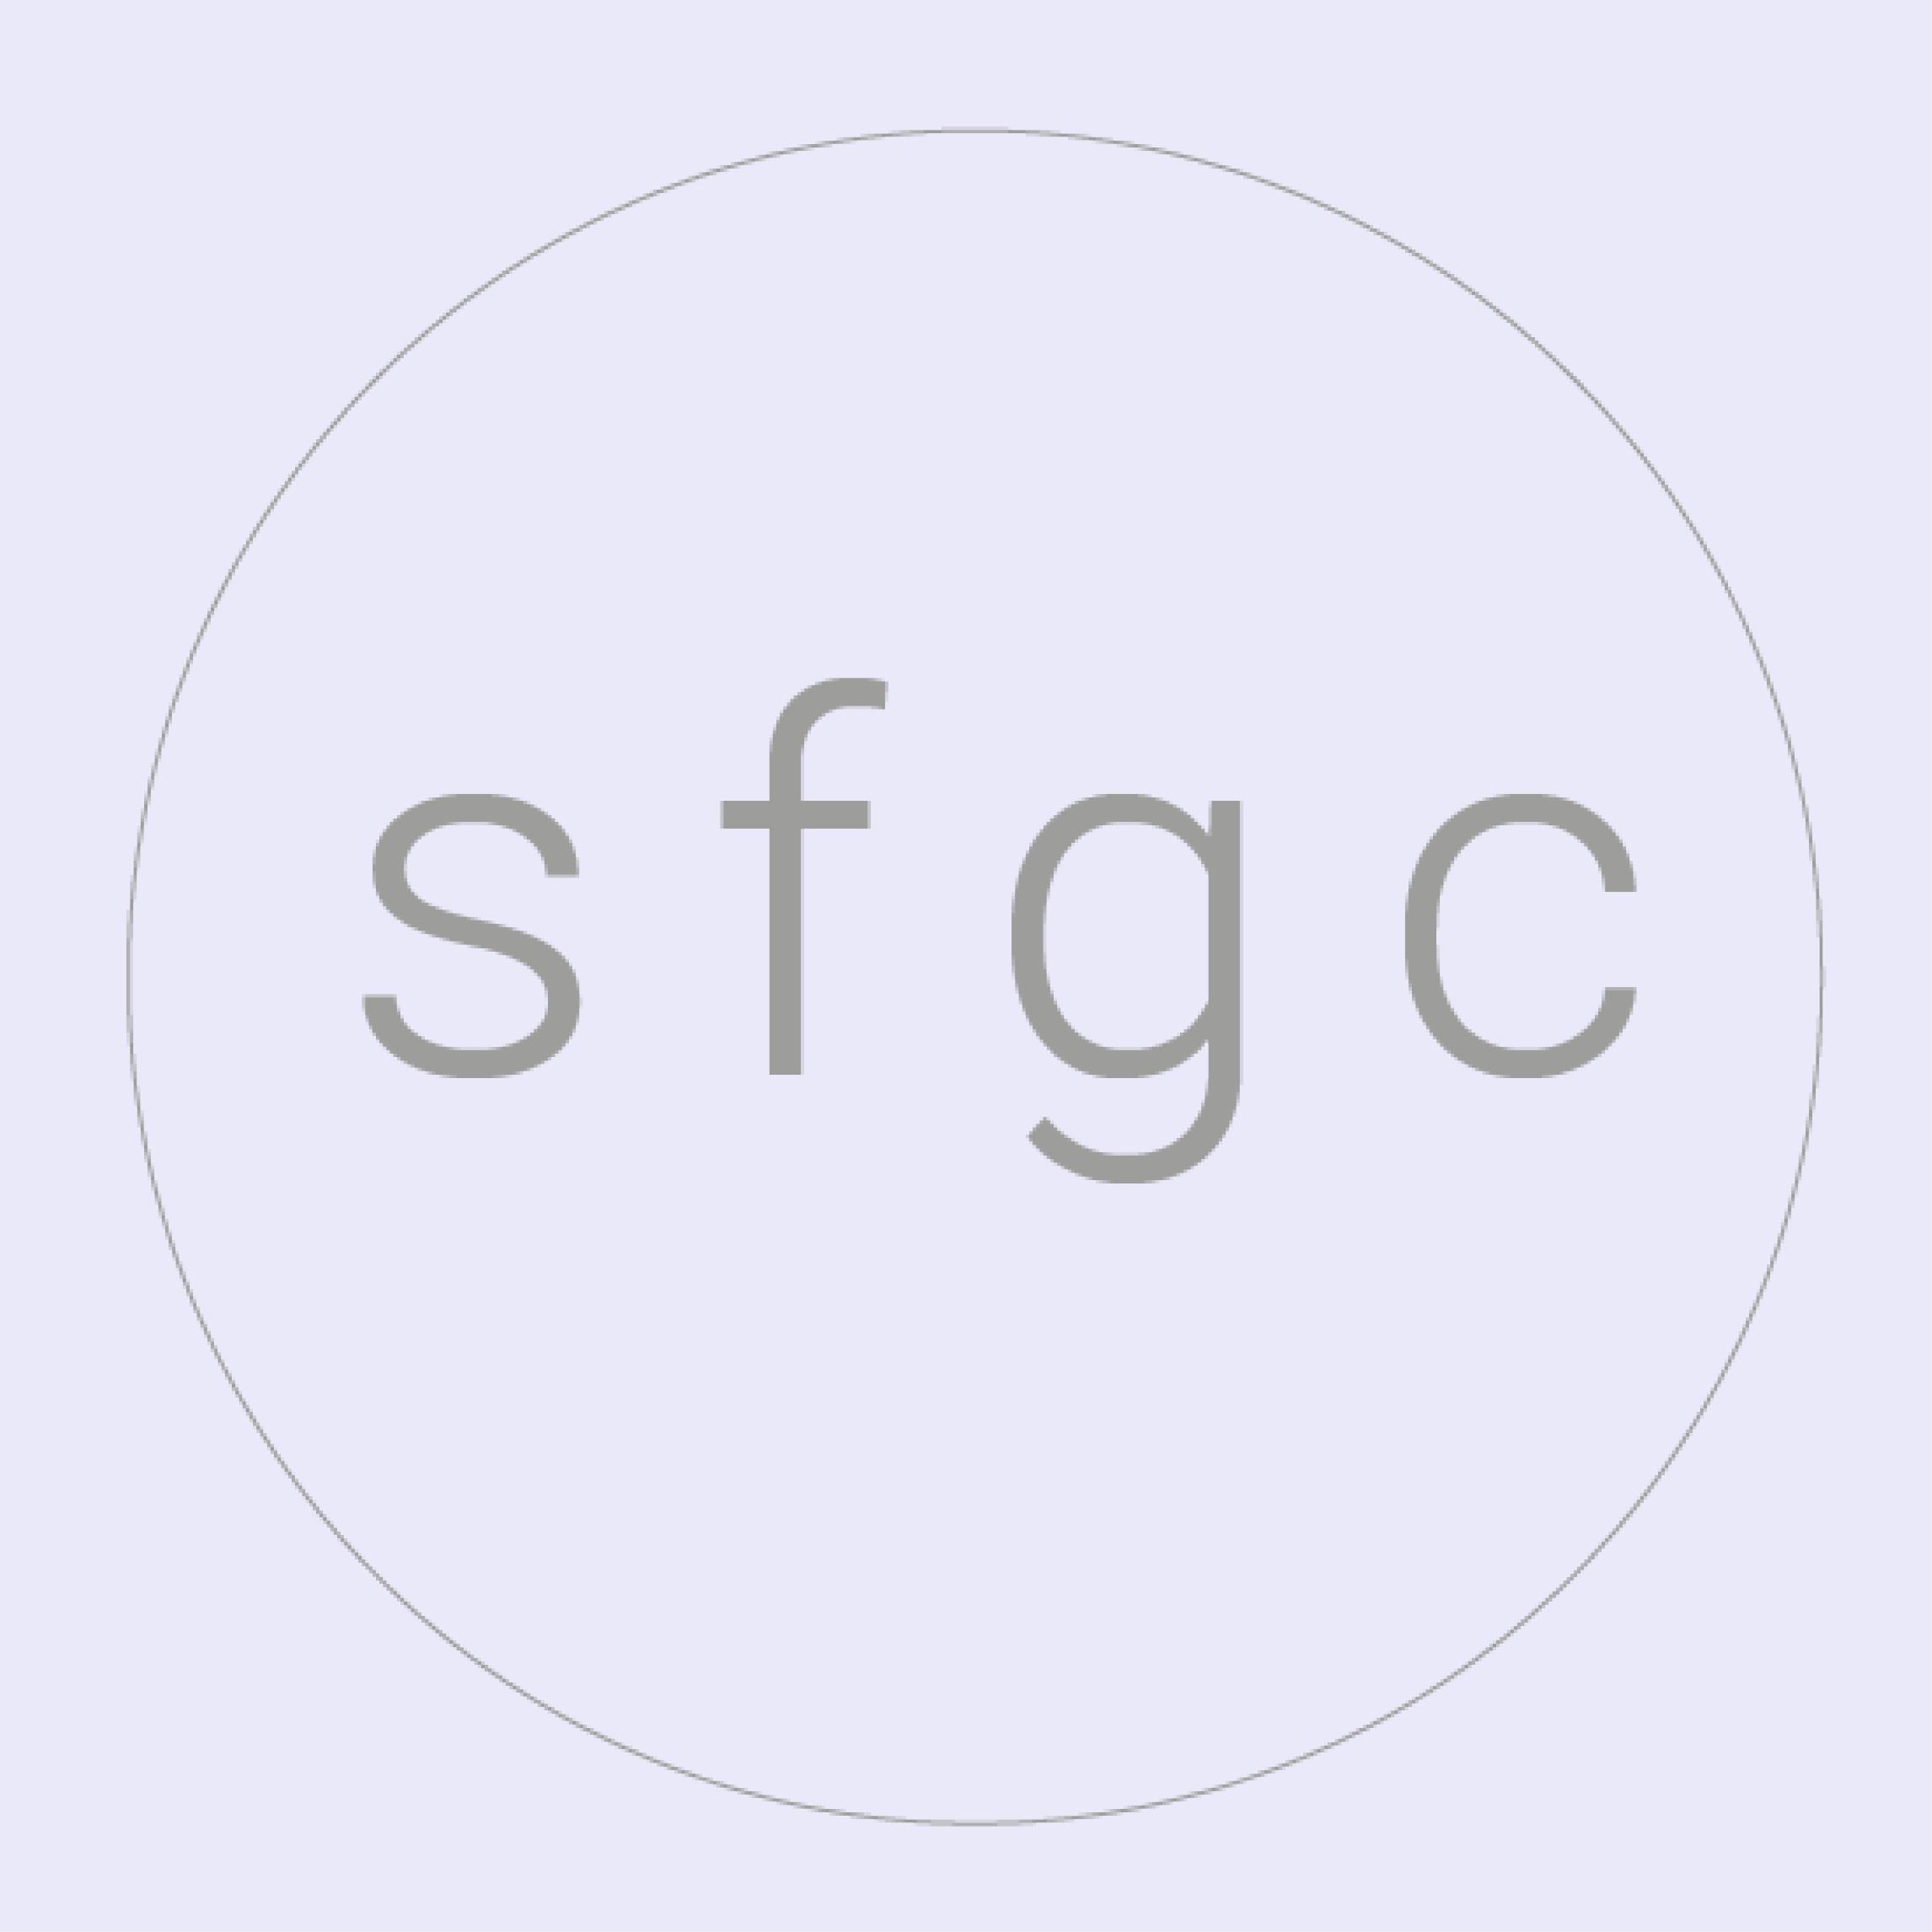 SFGC-giftshop-logo